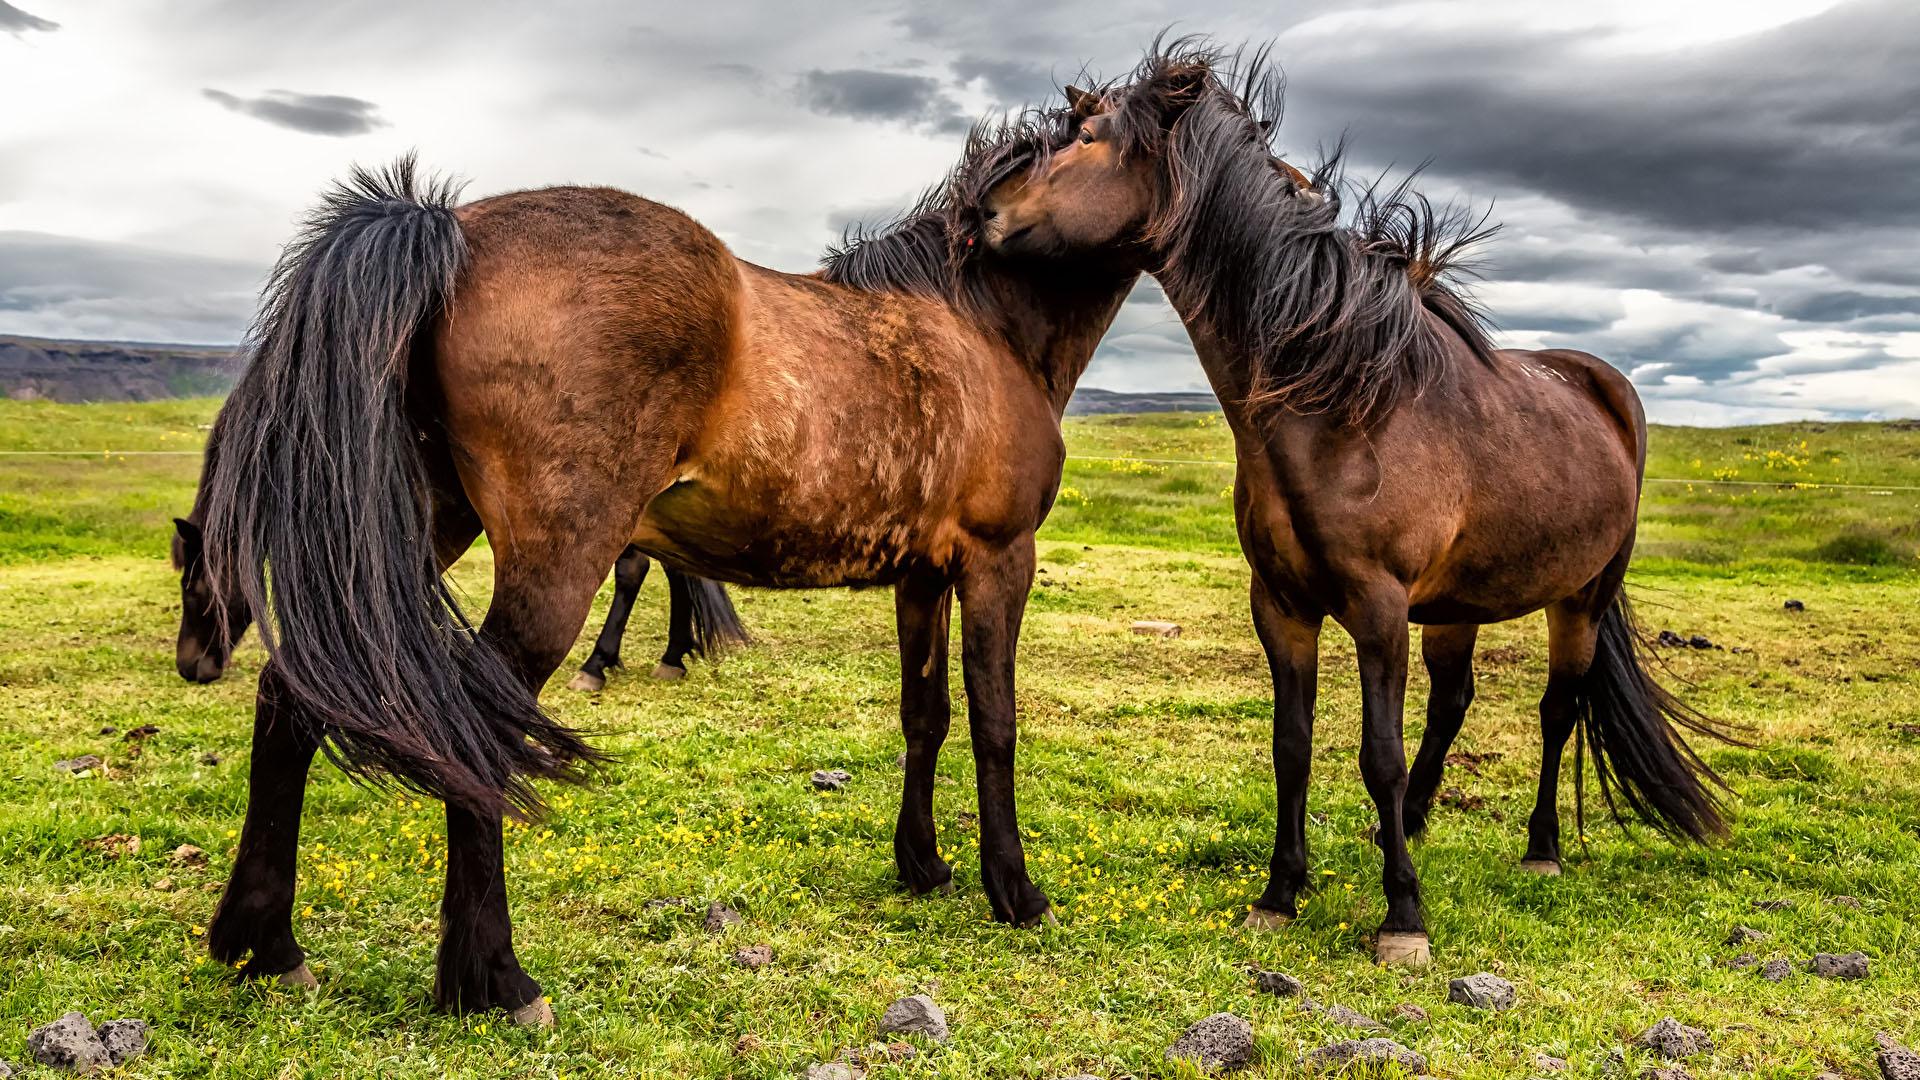 Картинки на рабочий стол лошади - красивые и удивительные 11